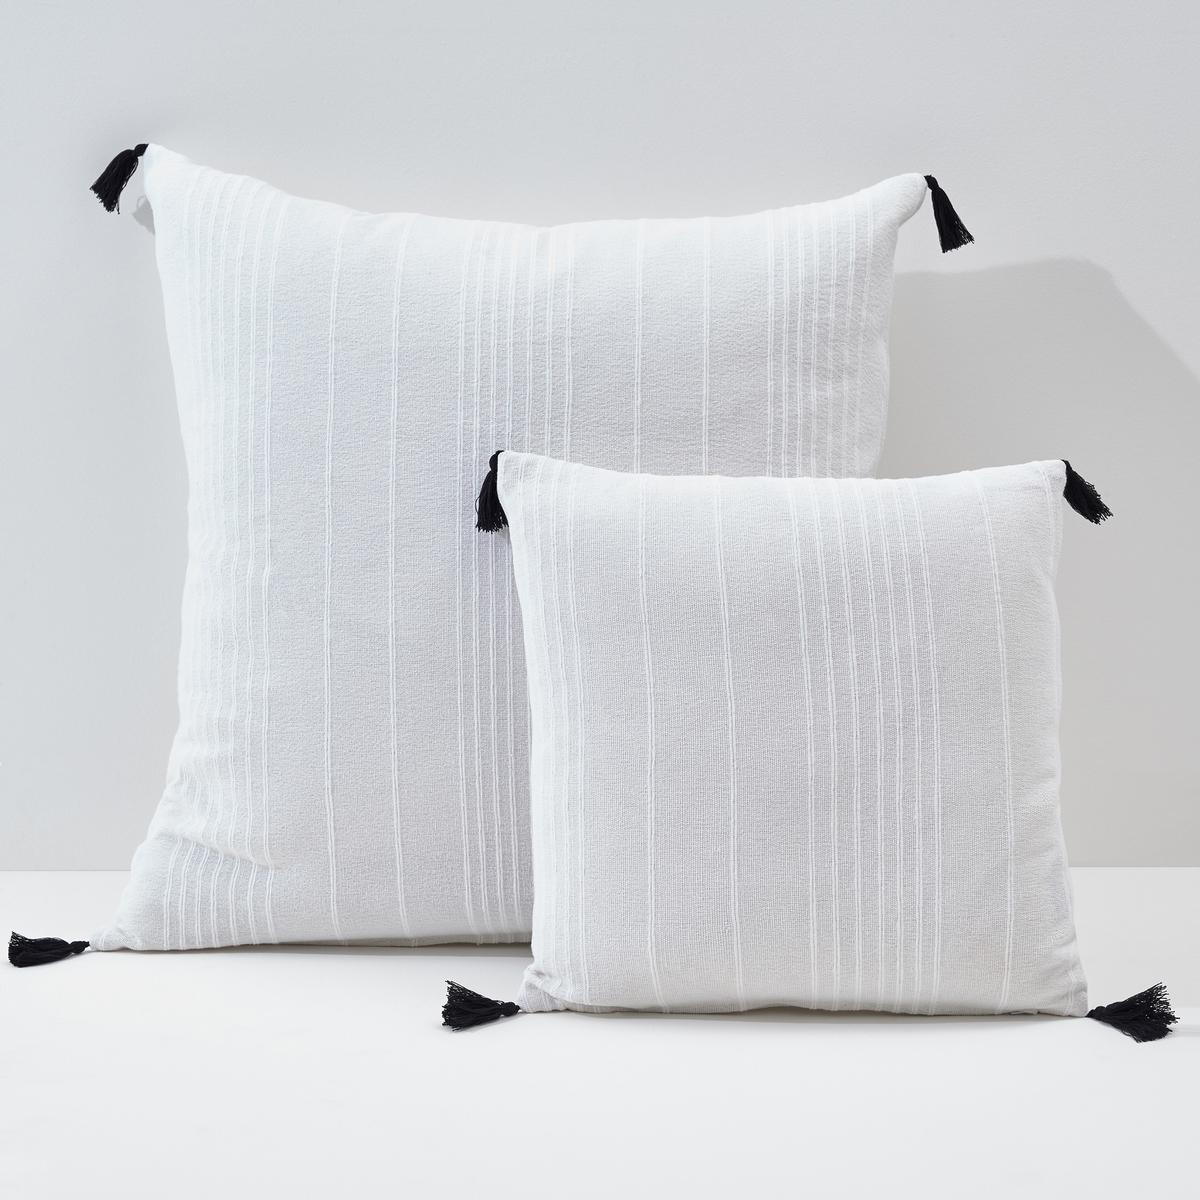 Чехол для подушки или наволочка однотонного цвета с помпонами, RIADХарактеристики чехла для подушки  Riad :100% хлопок (260 к/м?).Отделка контрастными помпонами.Размер подушки 40 x 40 см: скрытая застёжка на молнию сзади.Размер подушки 65 x 65 см : клапан сзади.Коллекцию подушек Terra, а также другие предметы коллекции Riad Вы найдете на laredoute.ruЗнак Oeko-Tex® гарантирует, что товары прошли проверку и были изготовлены без применения вредных для здоровья человека веществ.<br><br>Цвет: белый/ черный,Бледно-розовый/коралловый,серый/ розовый,сине-зеленый/желтый<br>Размер: 65 x 65  см.40 x 40  см.65 x 65  см.40 x 40  см